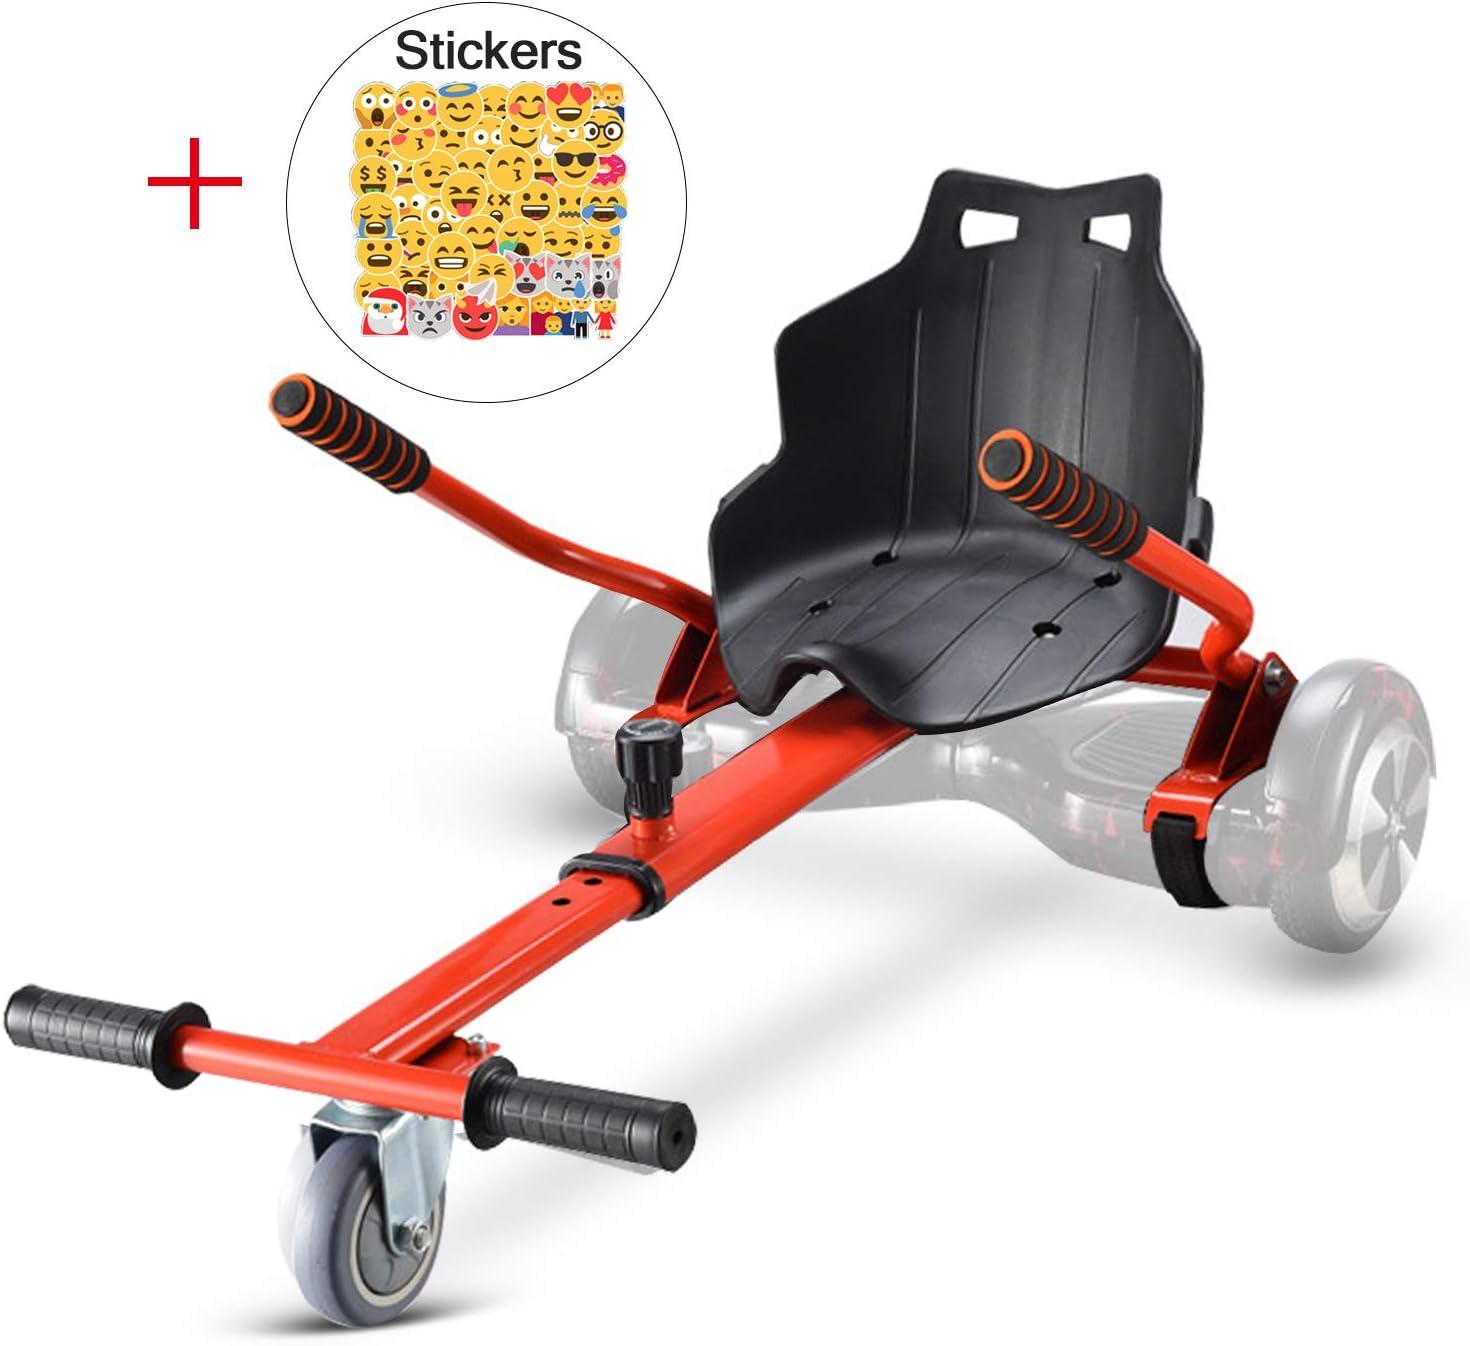 LOVESPORT Hoverboards Silla Hoverboard Asiento Kart Electrico Patinete electrico con Asiento hoverkart (Rojo): Amazon.es: Deportes y aire libre